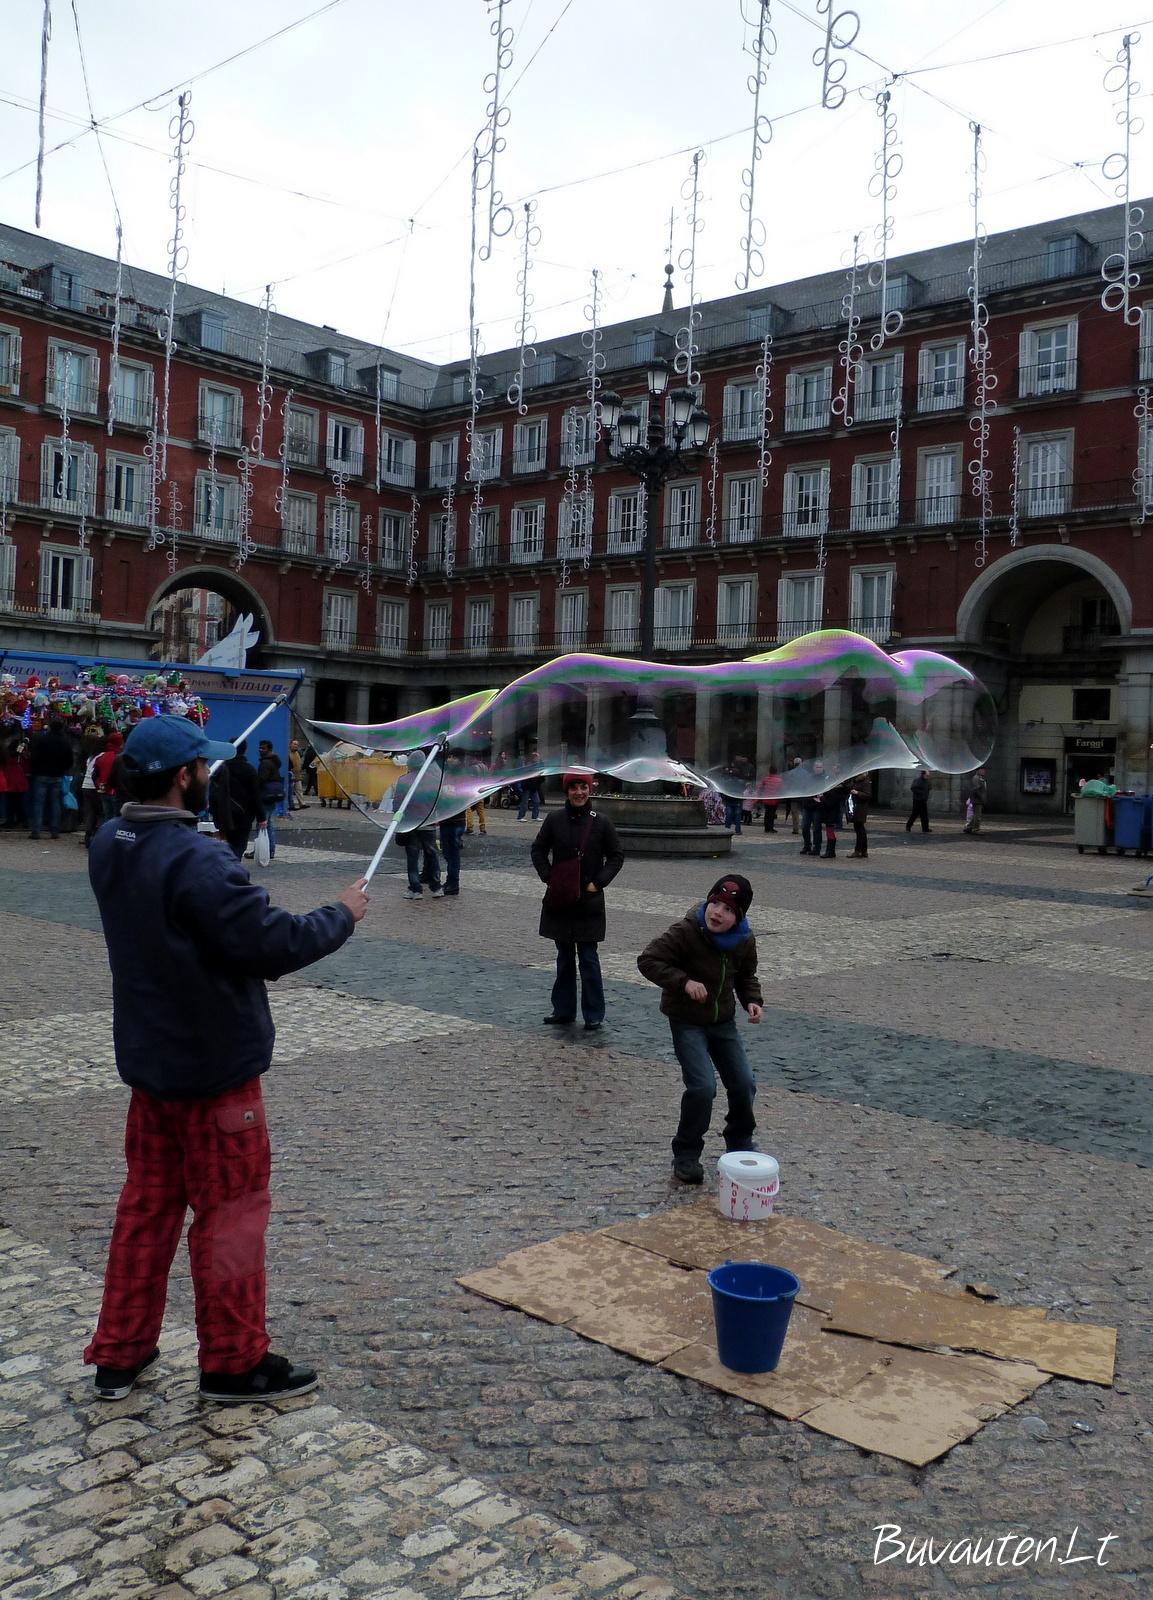 Burbulai centrinėje Madrido aikštėje